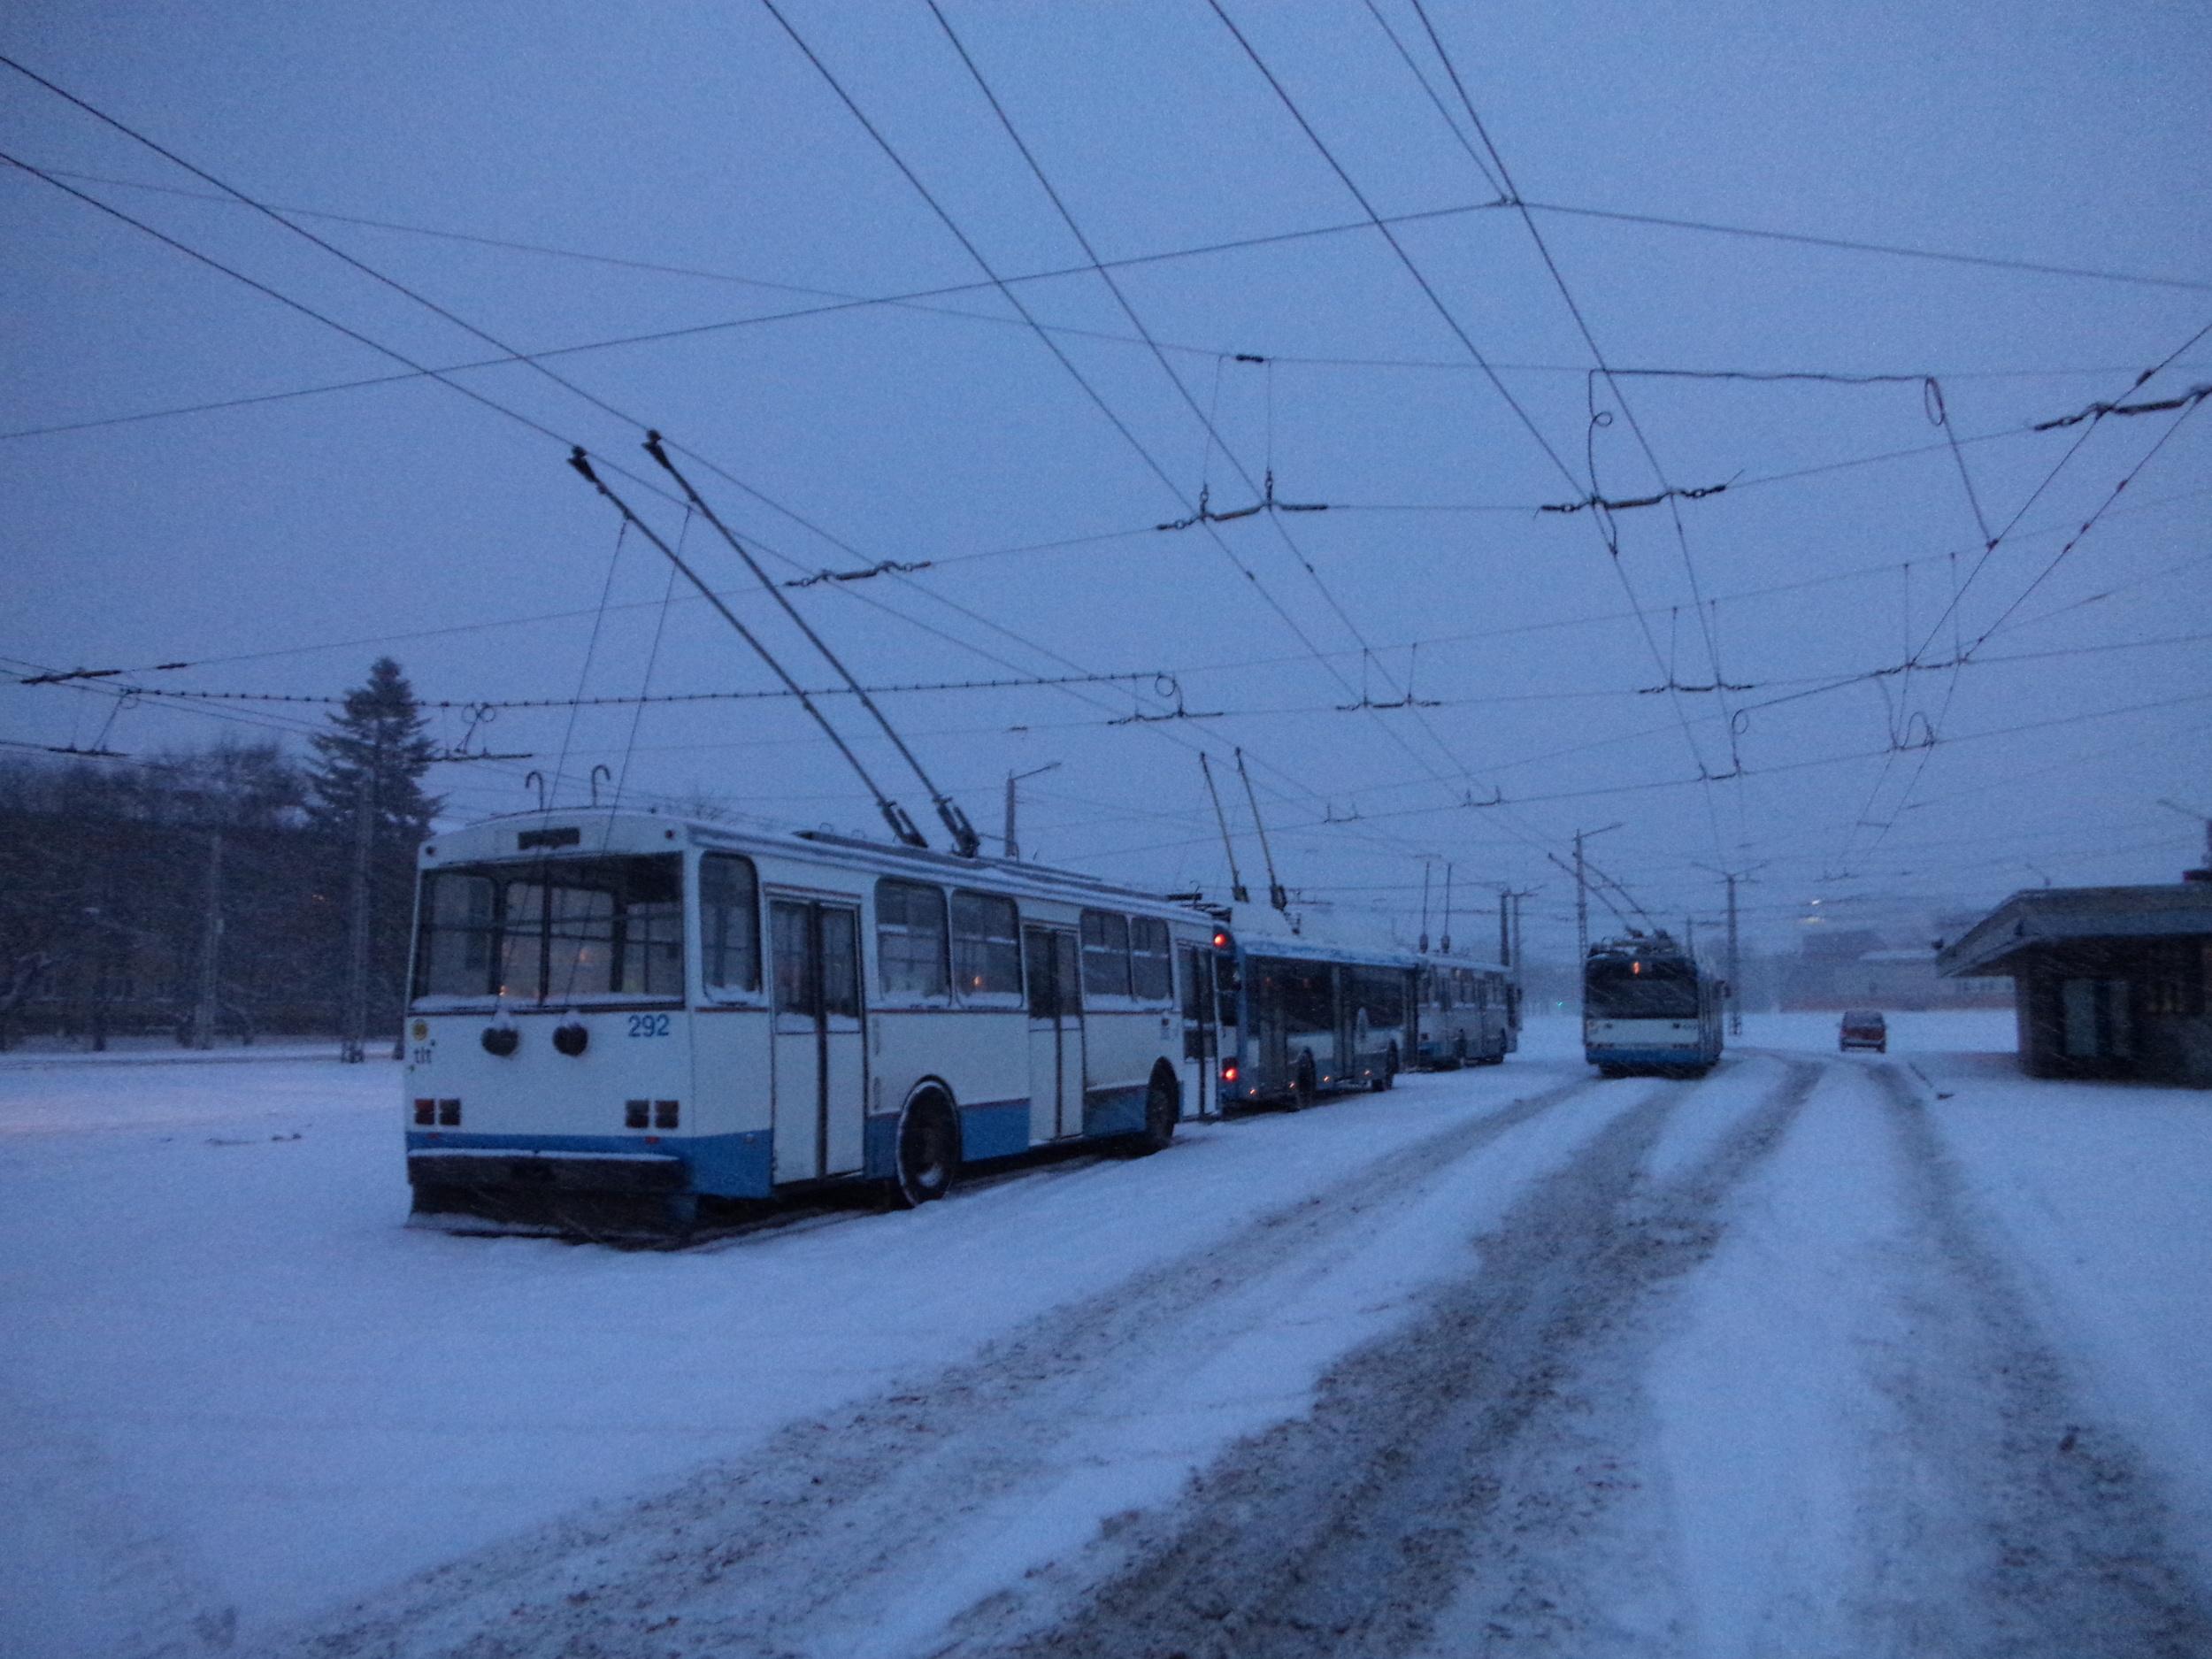 Odstavené trolejbusy na konečné Mustamäe dne 3. 1. 2016. Zlikviduje nakonec Tallinn celou svou trolejbusovou síť? (foto: Ing. Vít Hinčica, Ph.D.)